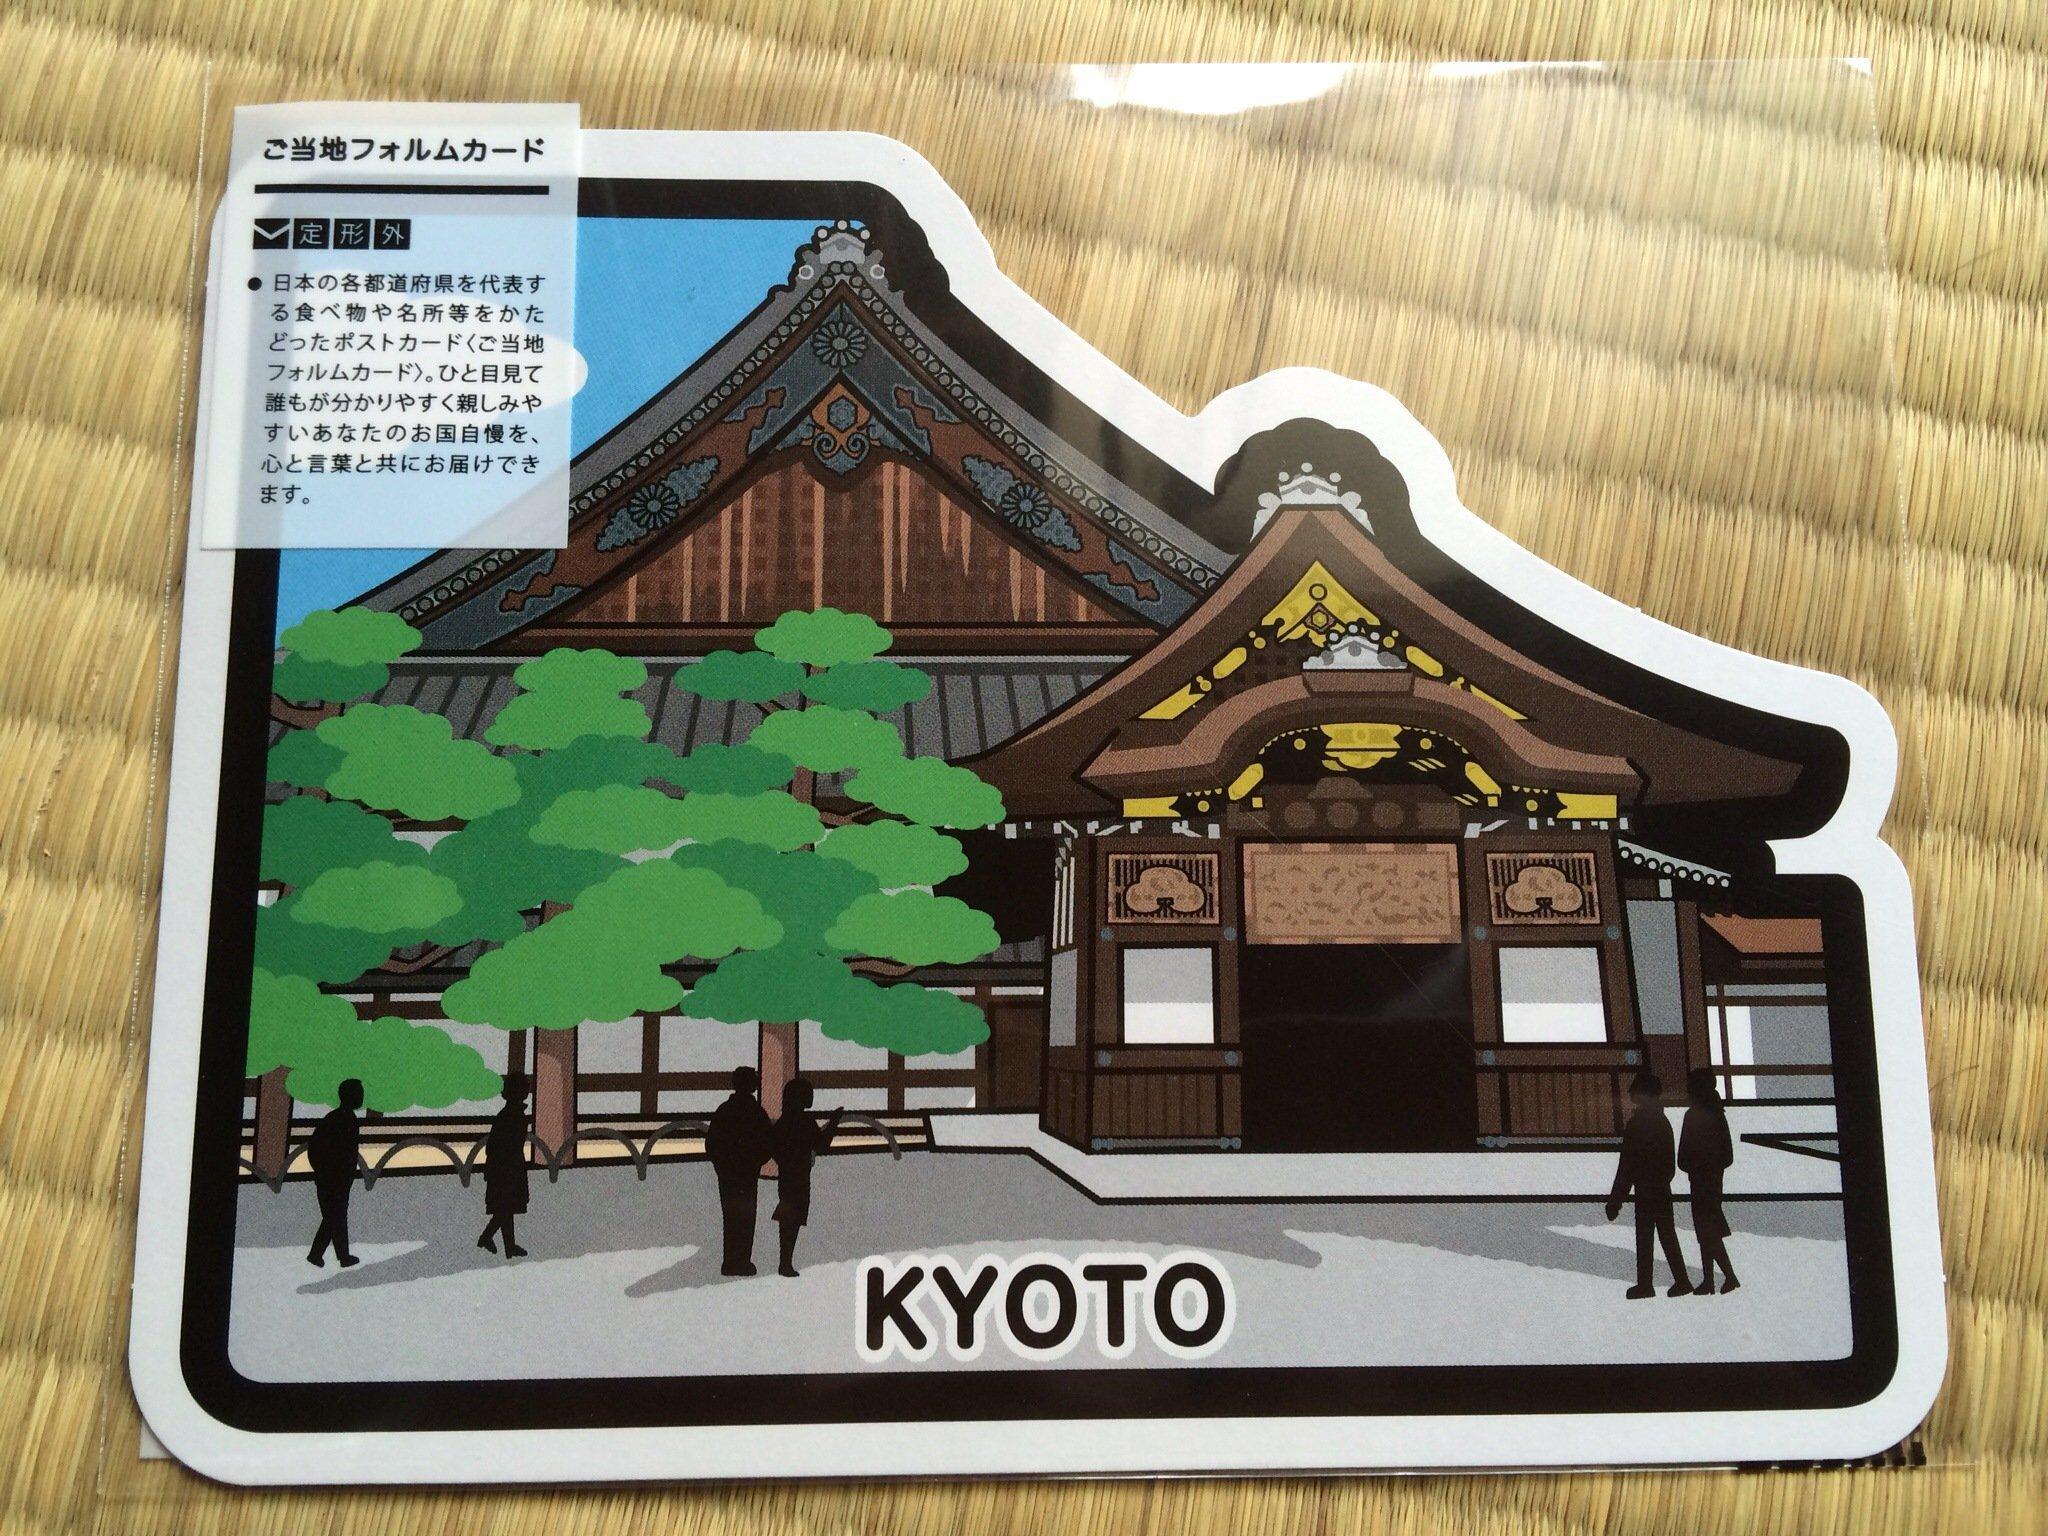 Ariel #x27 s Wish-2015 地域限定 款-京都郵便局 -第六彈-京都府元離宮二條和服明信片卡片- 絕版品